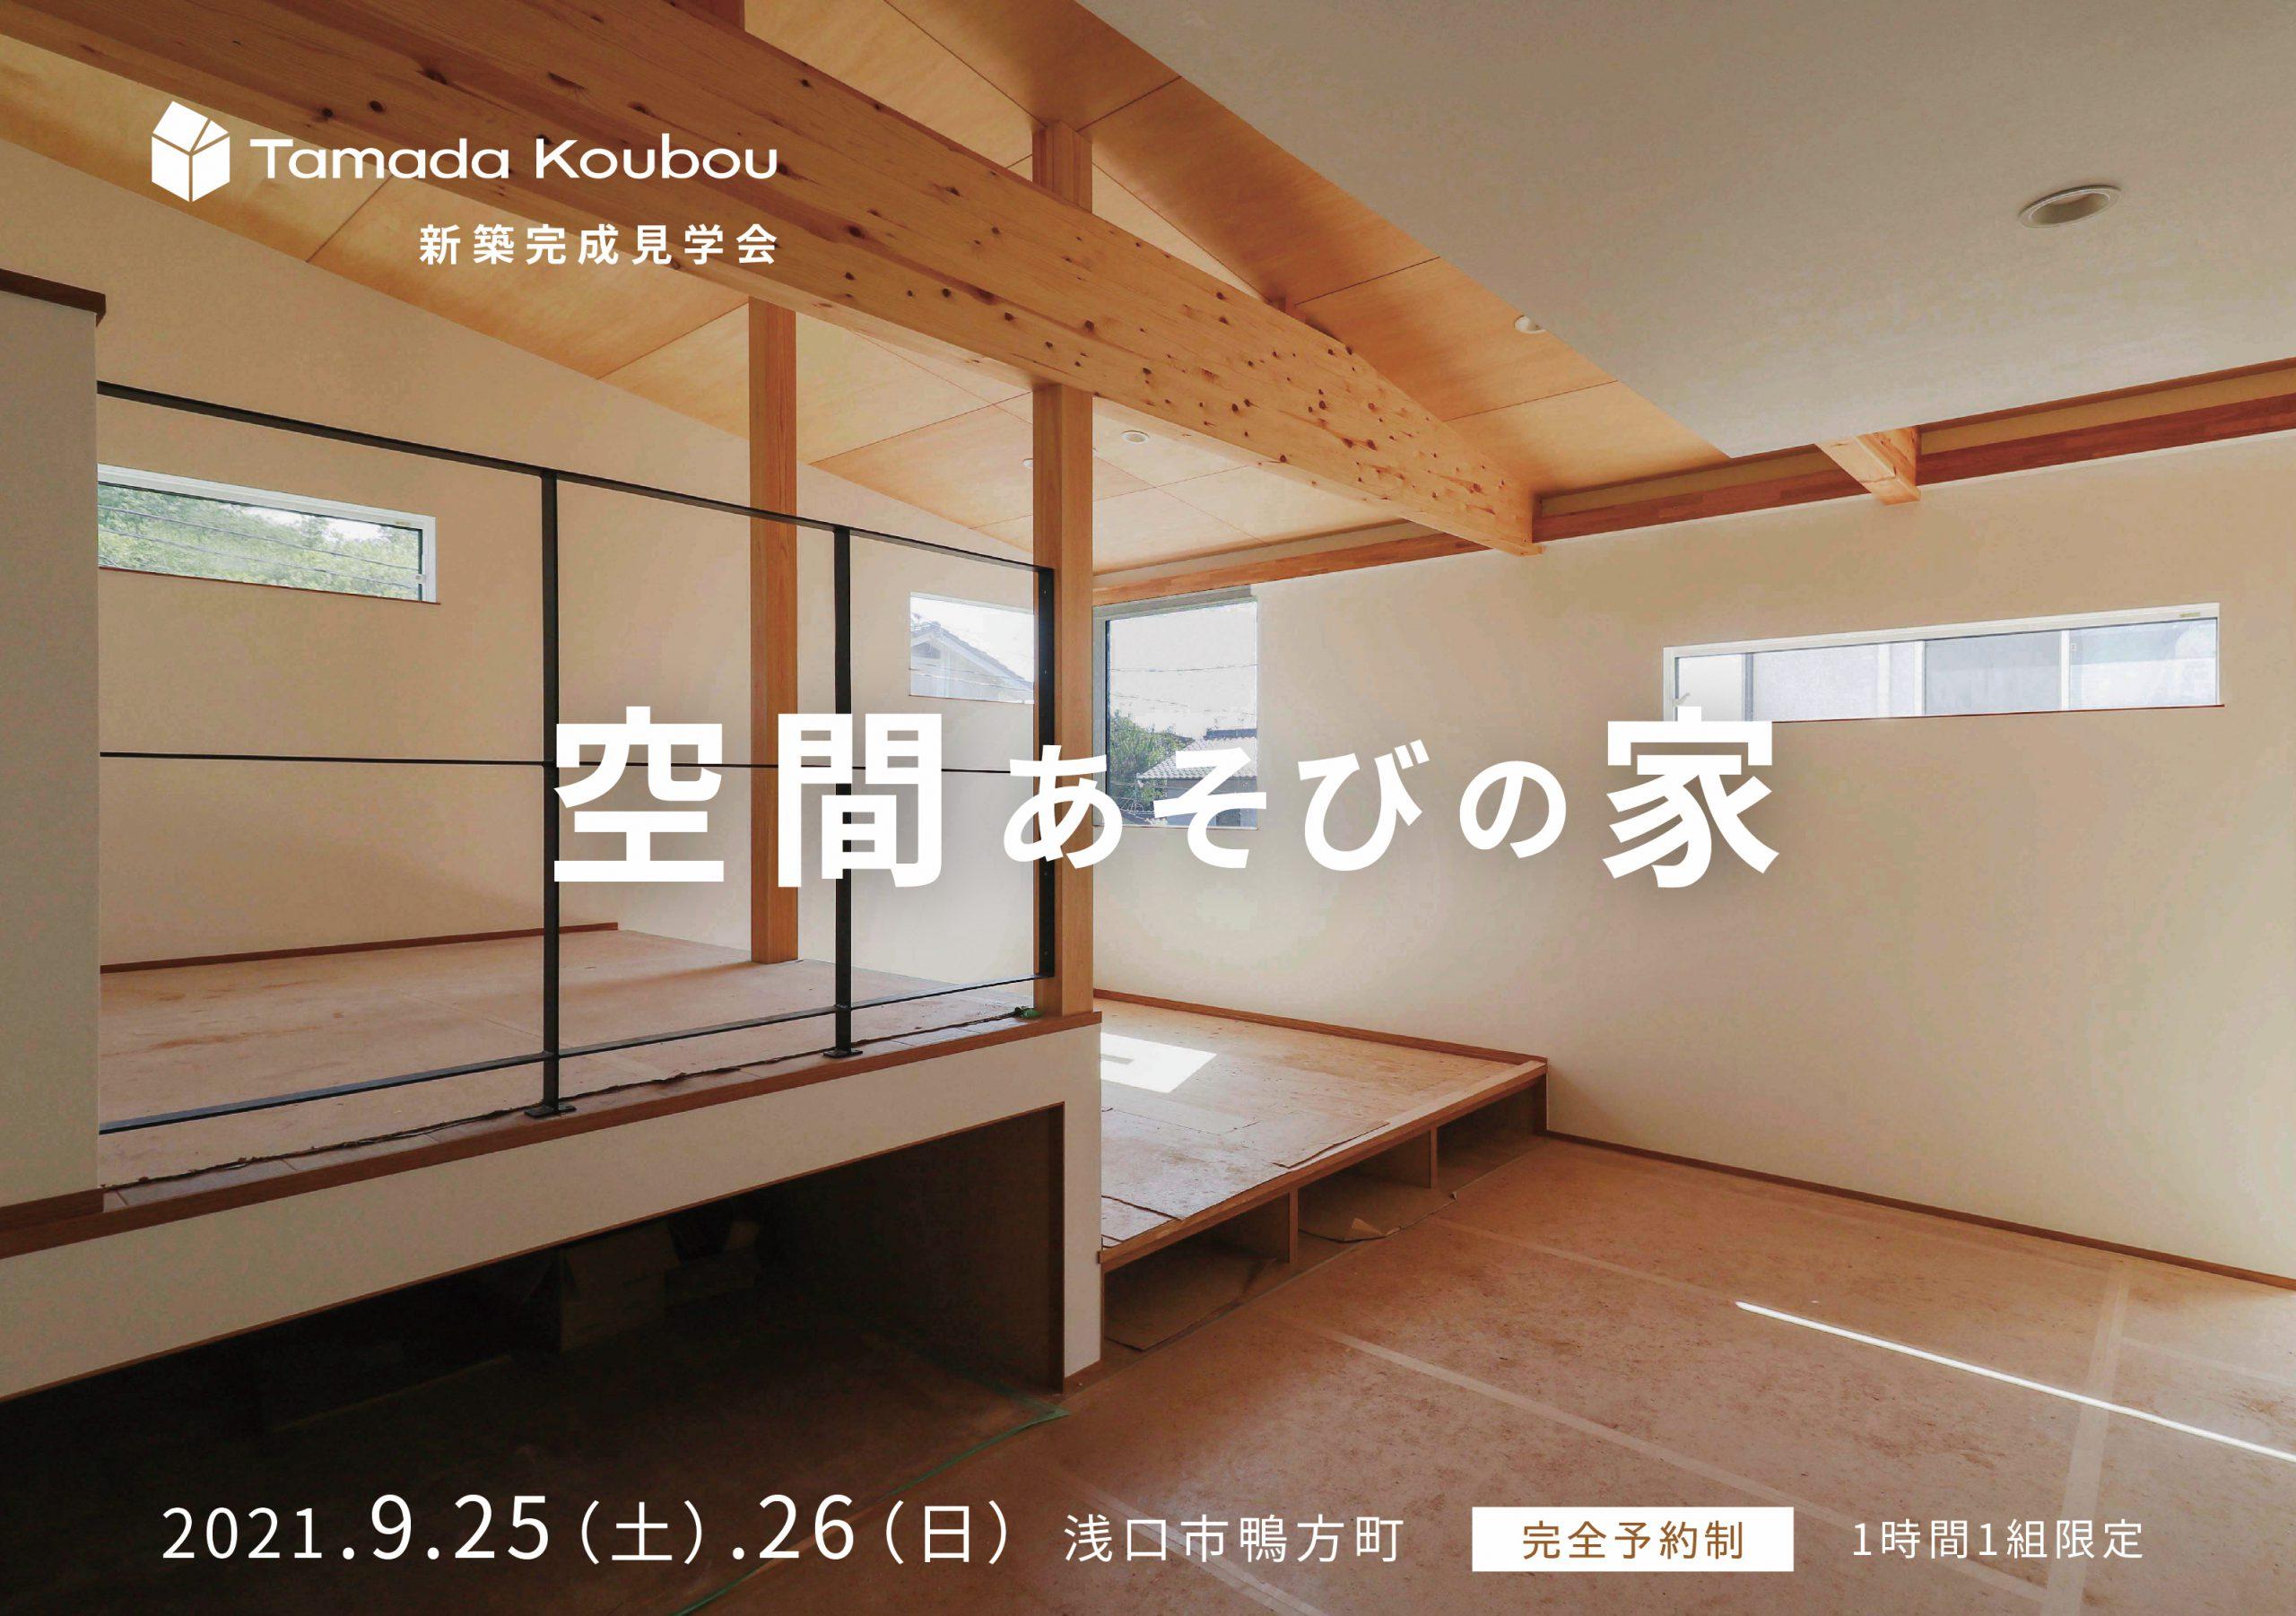 9/25,26 新築完成見学会 開催!